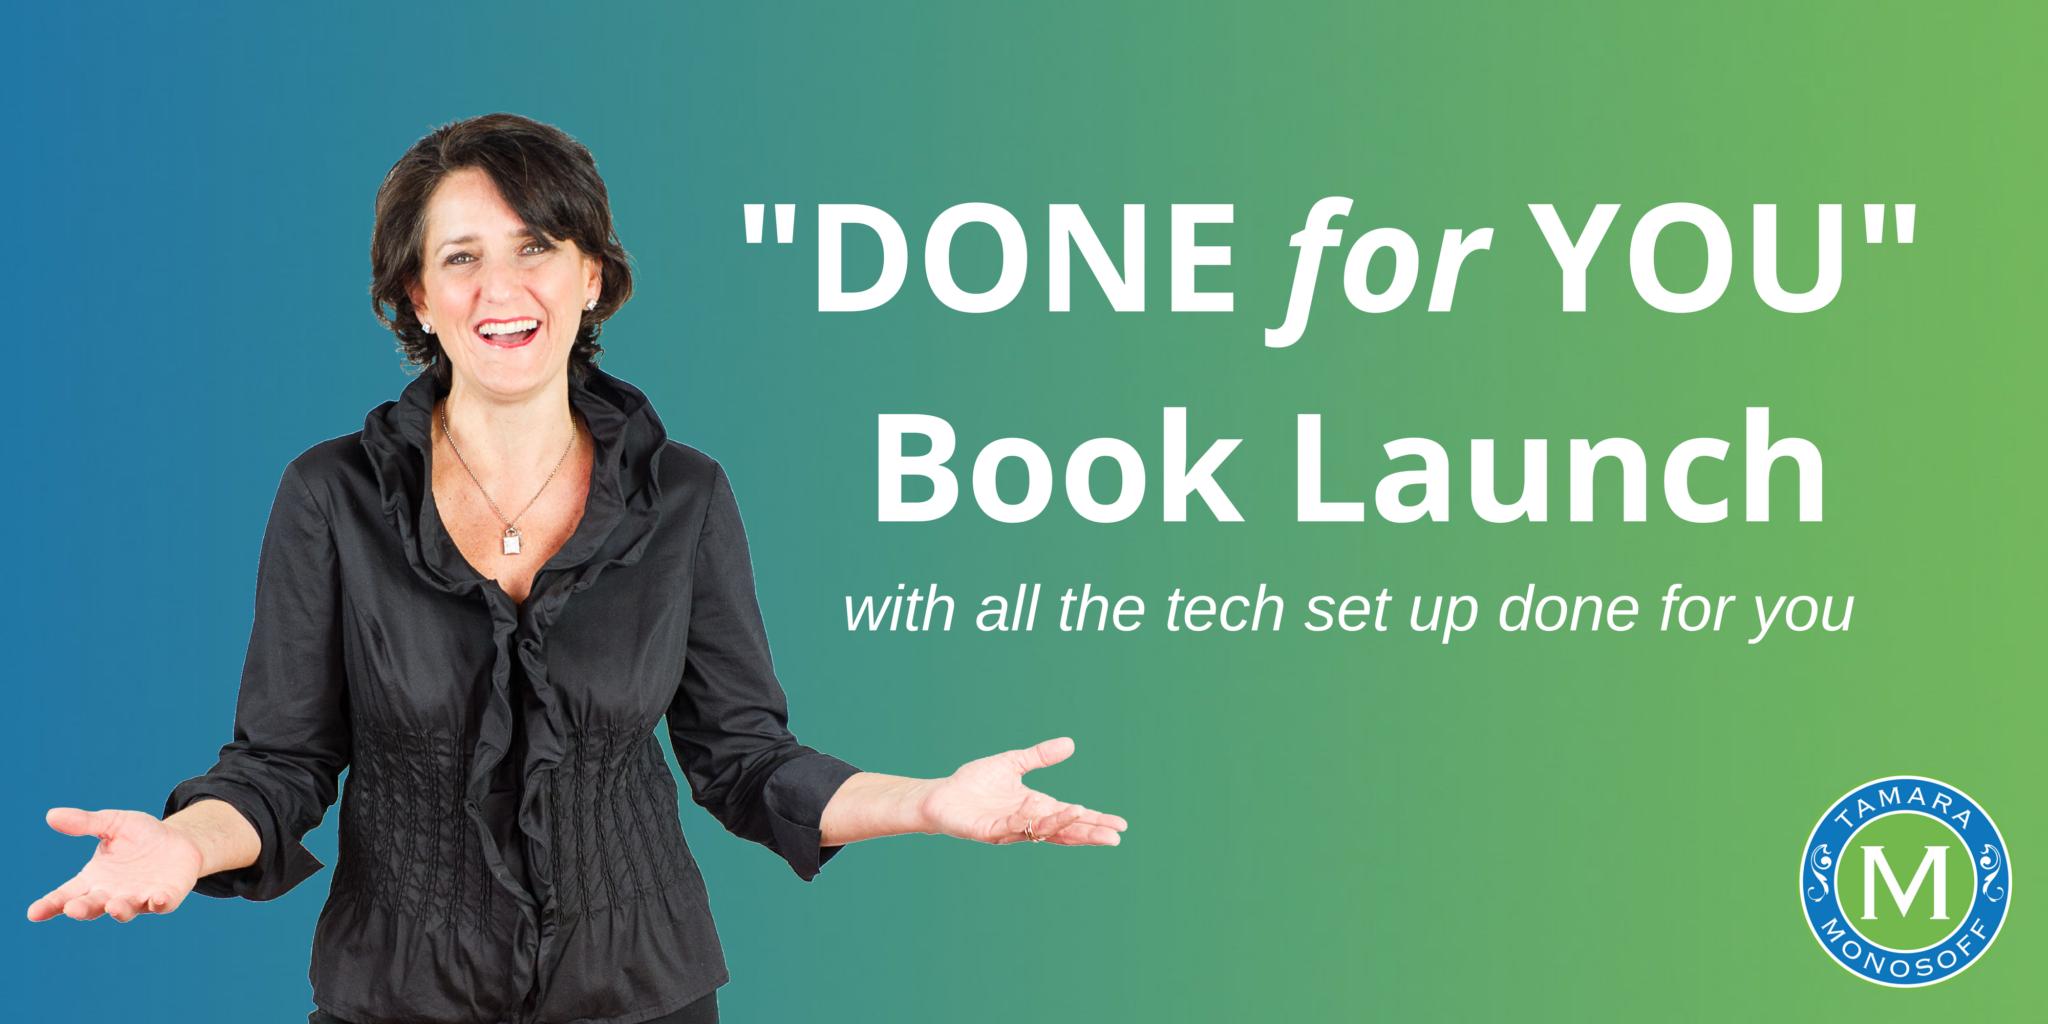 Tamara Monosoff Done for you Programs for Authors